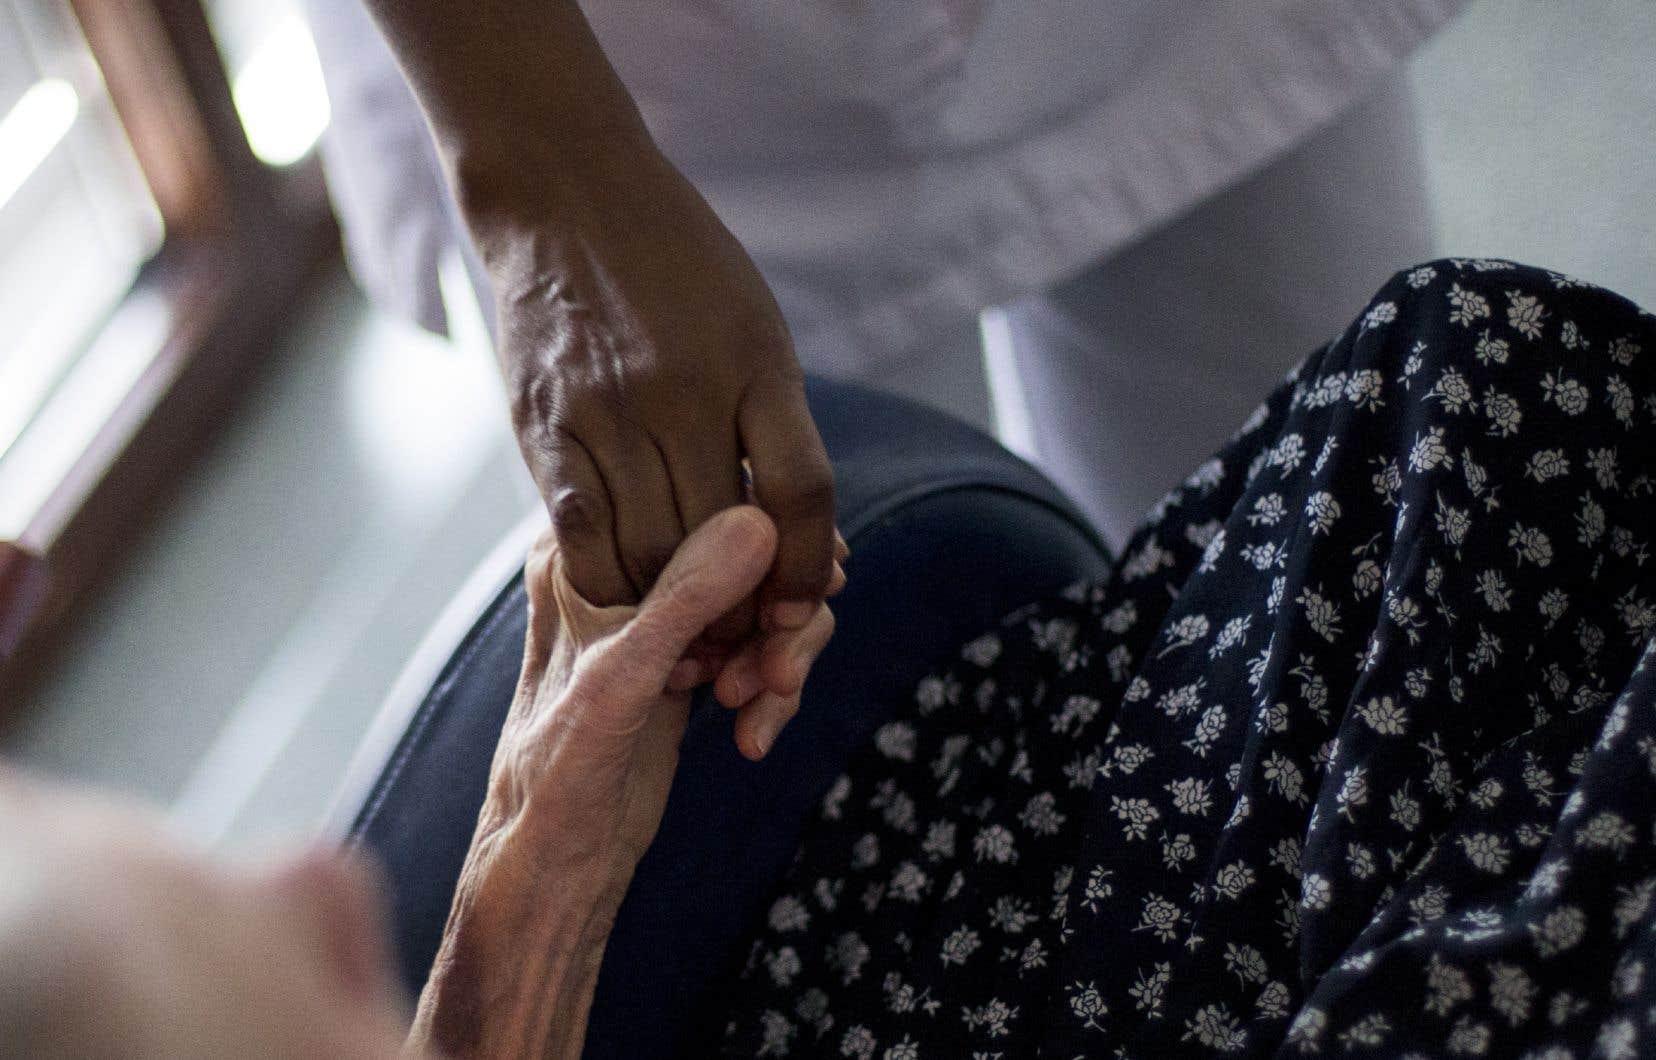 «Cette tragédie amènera probablement de grands changements dans la façon dont nous traiterons le vieillissement et dont nous nous occuperons des aînés dans les années à venir», écrit l'historienMarc Simard.